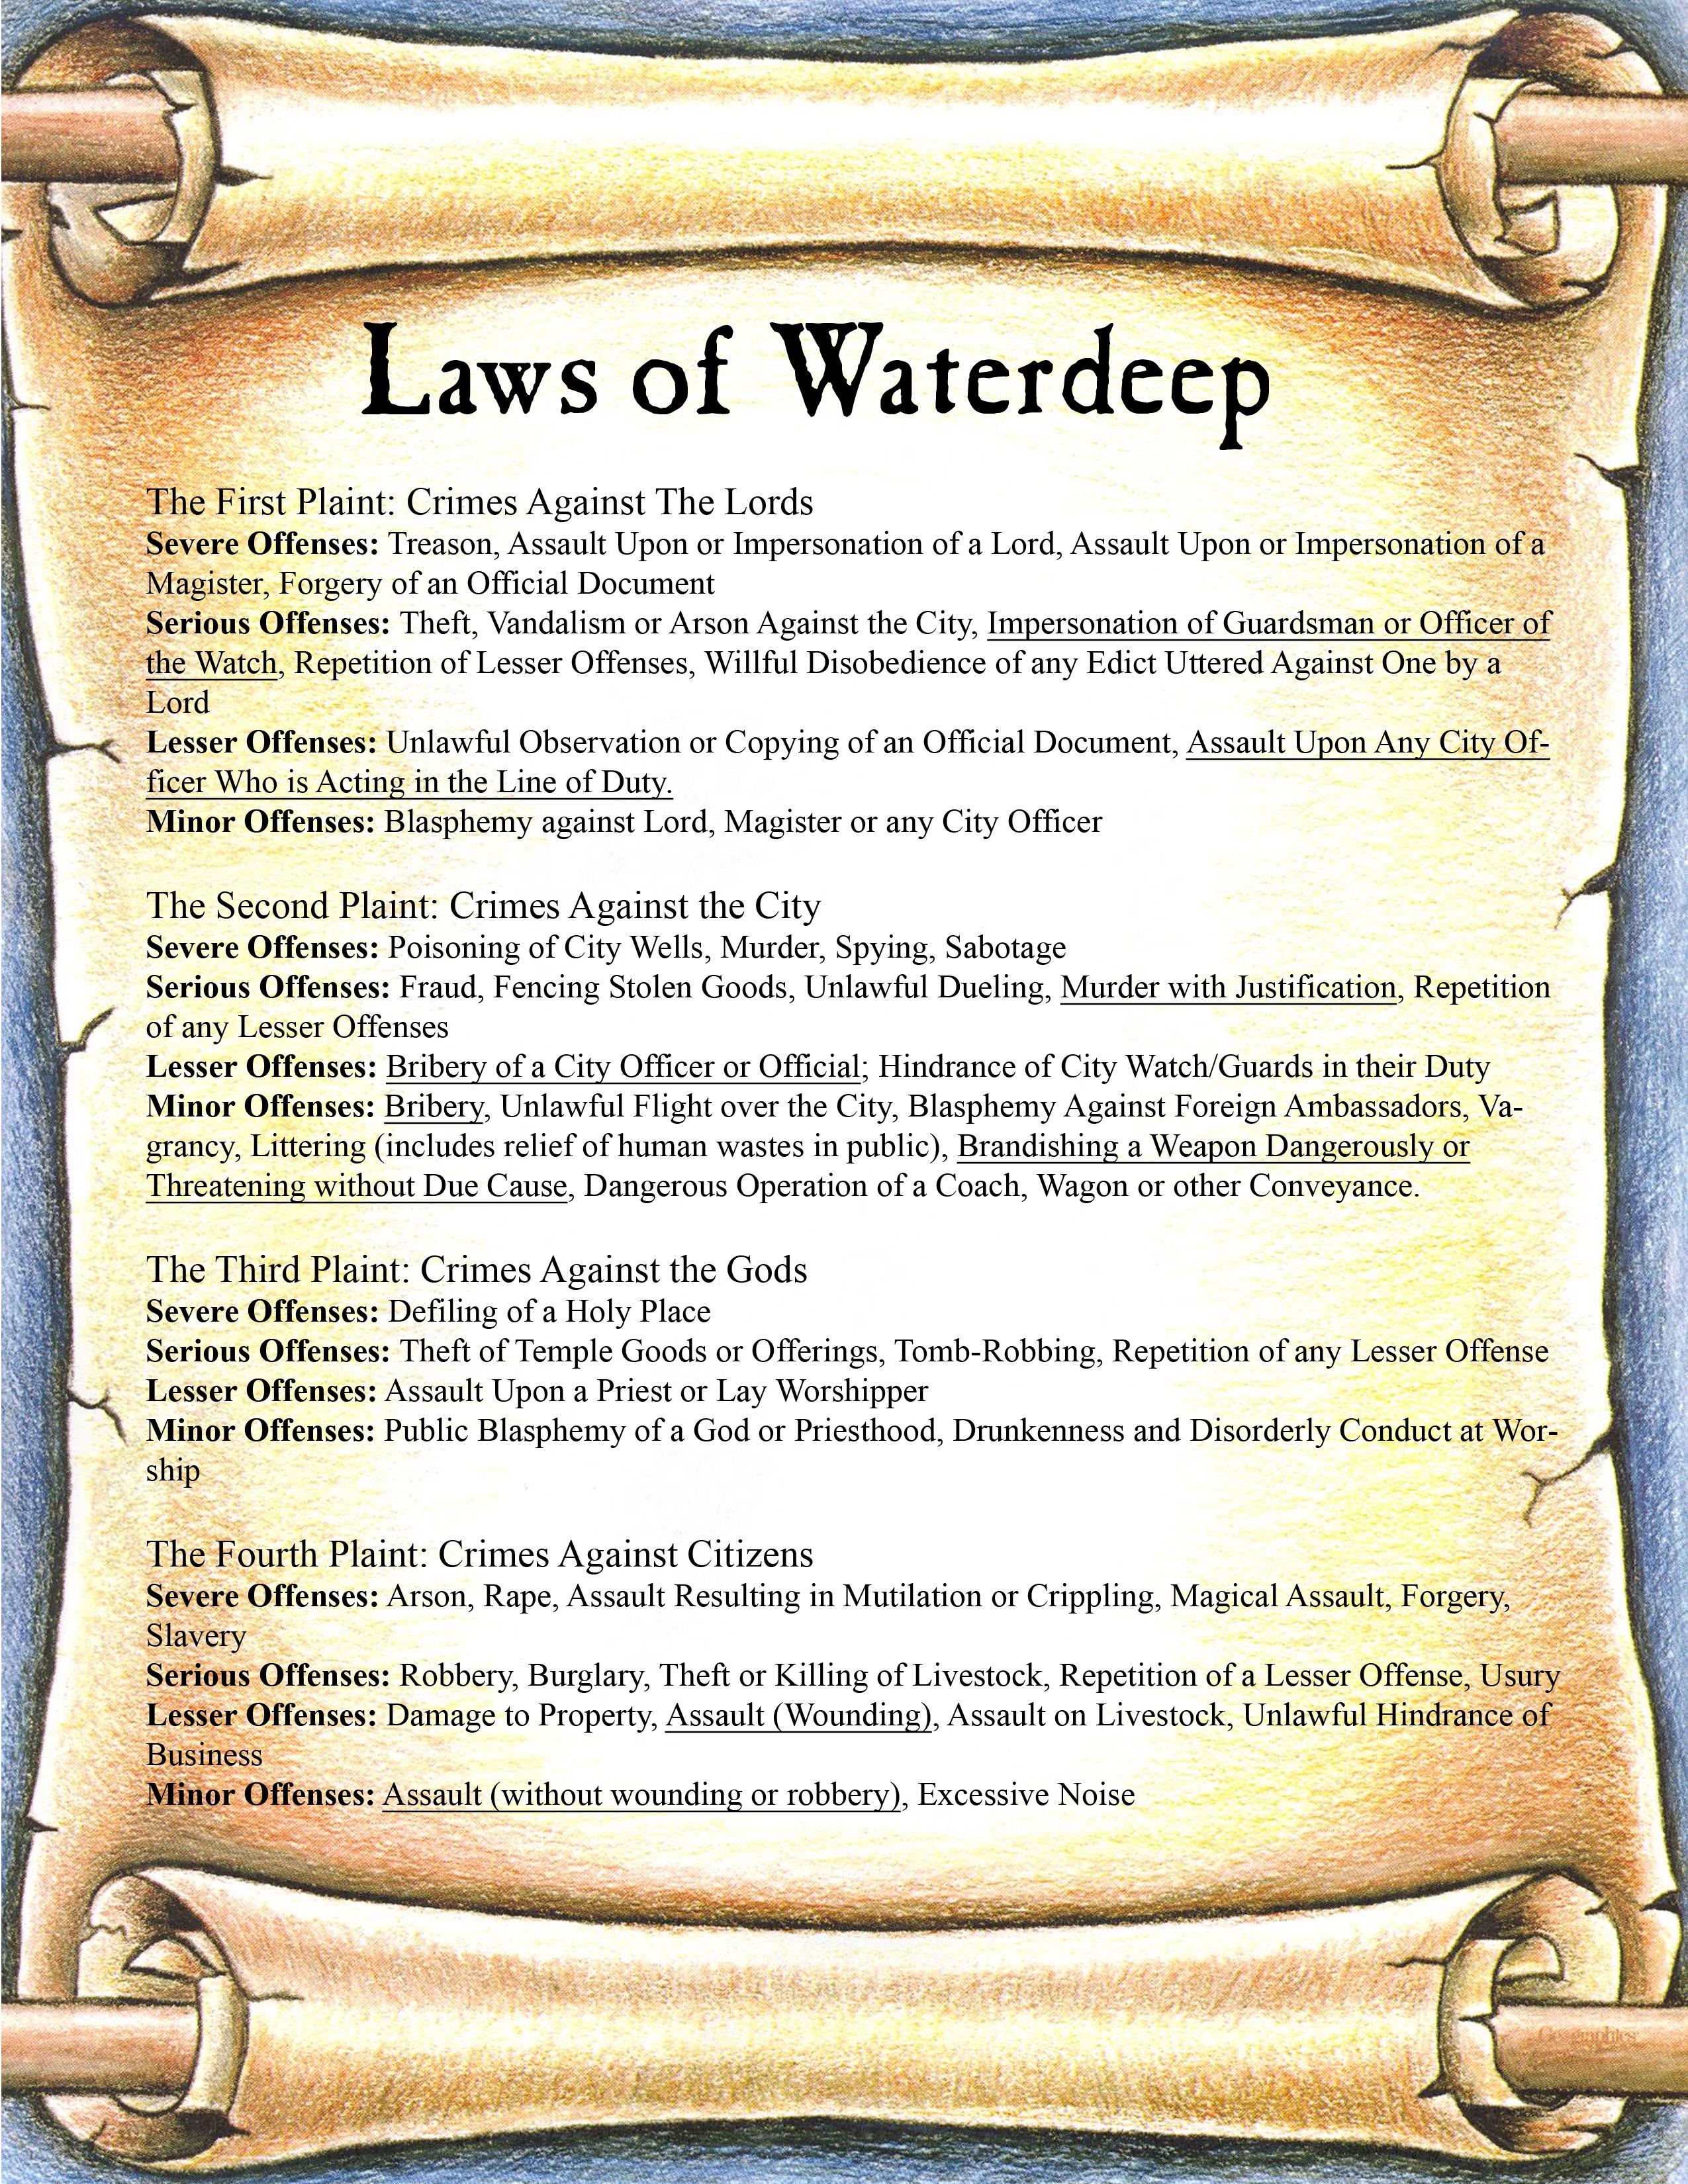 Laws-waterdeep.jpg